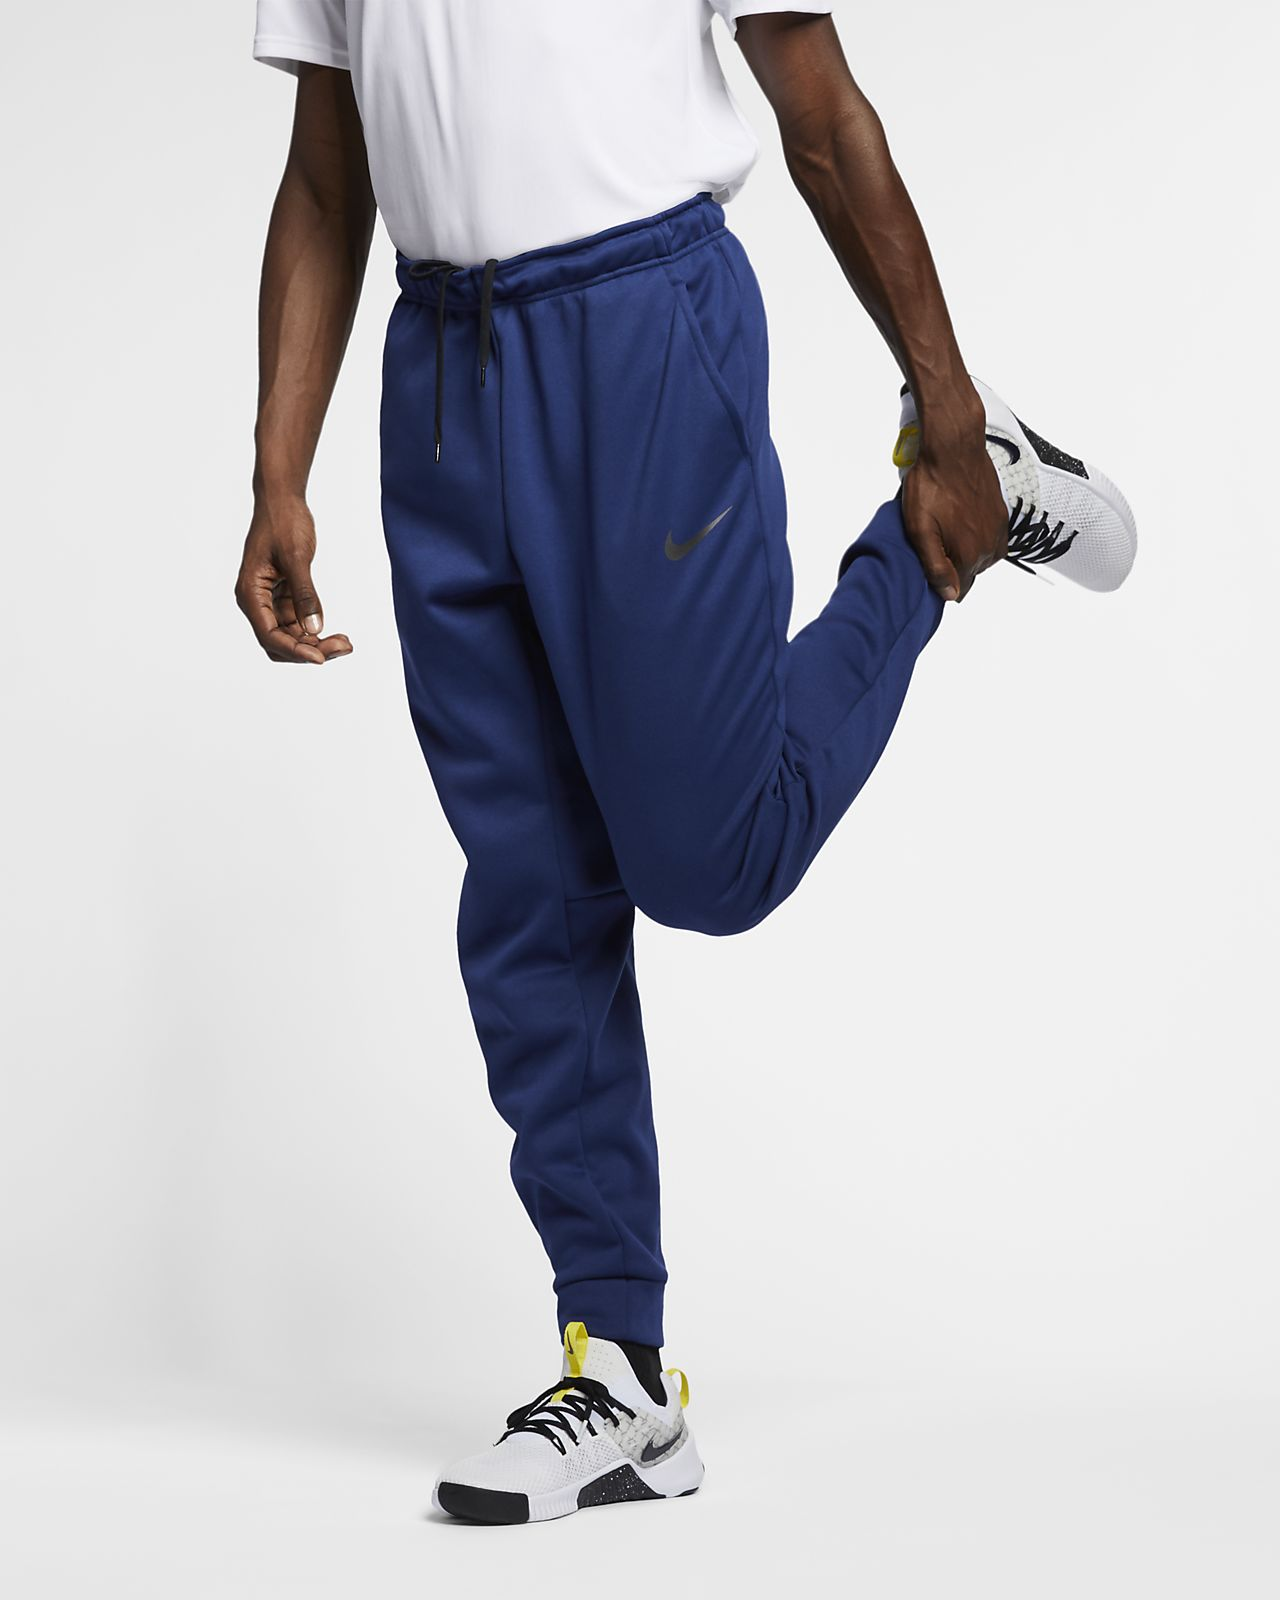 2ae9af21c Pánské zúžené tréninkové tepláky Nike Therma. Nike.com CZ